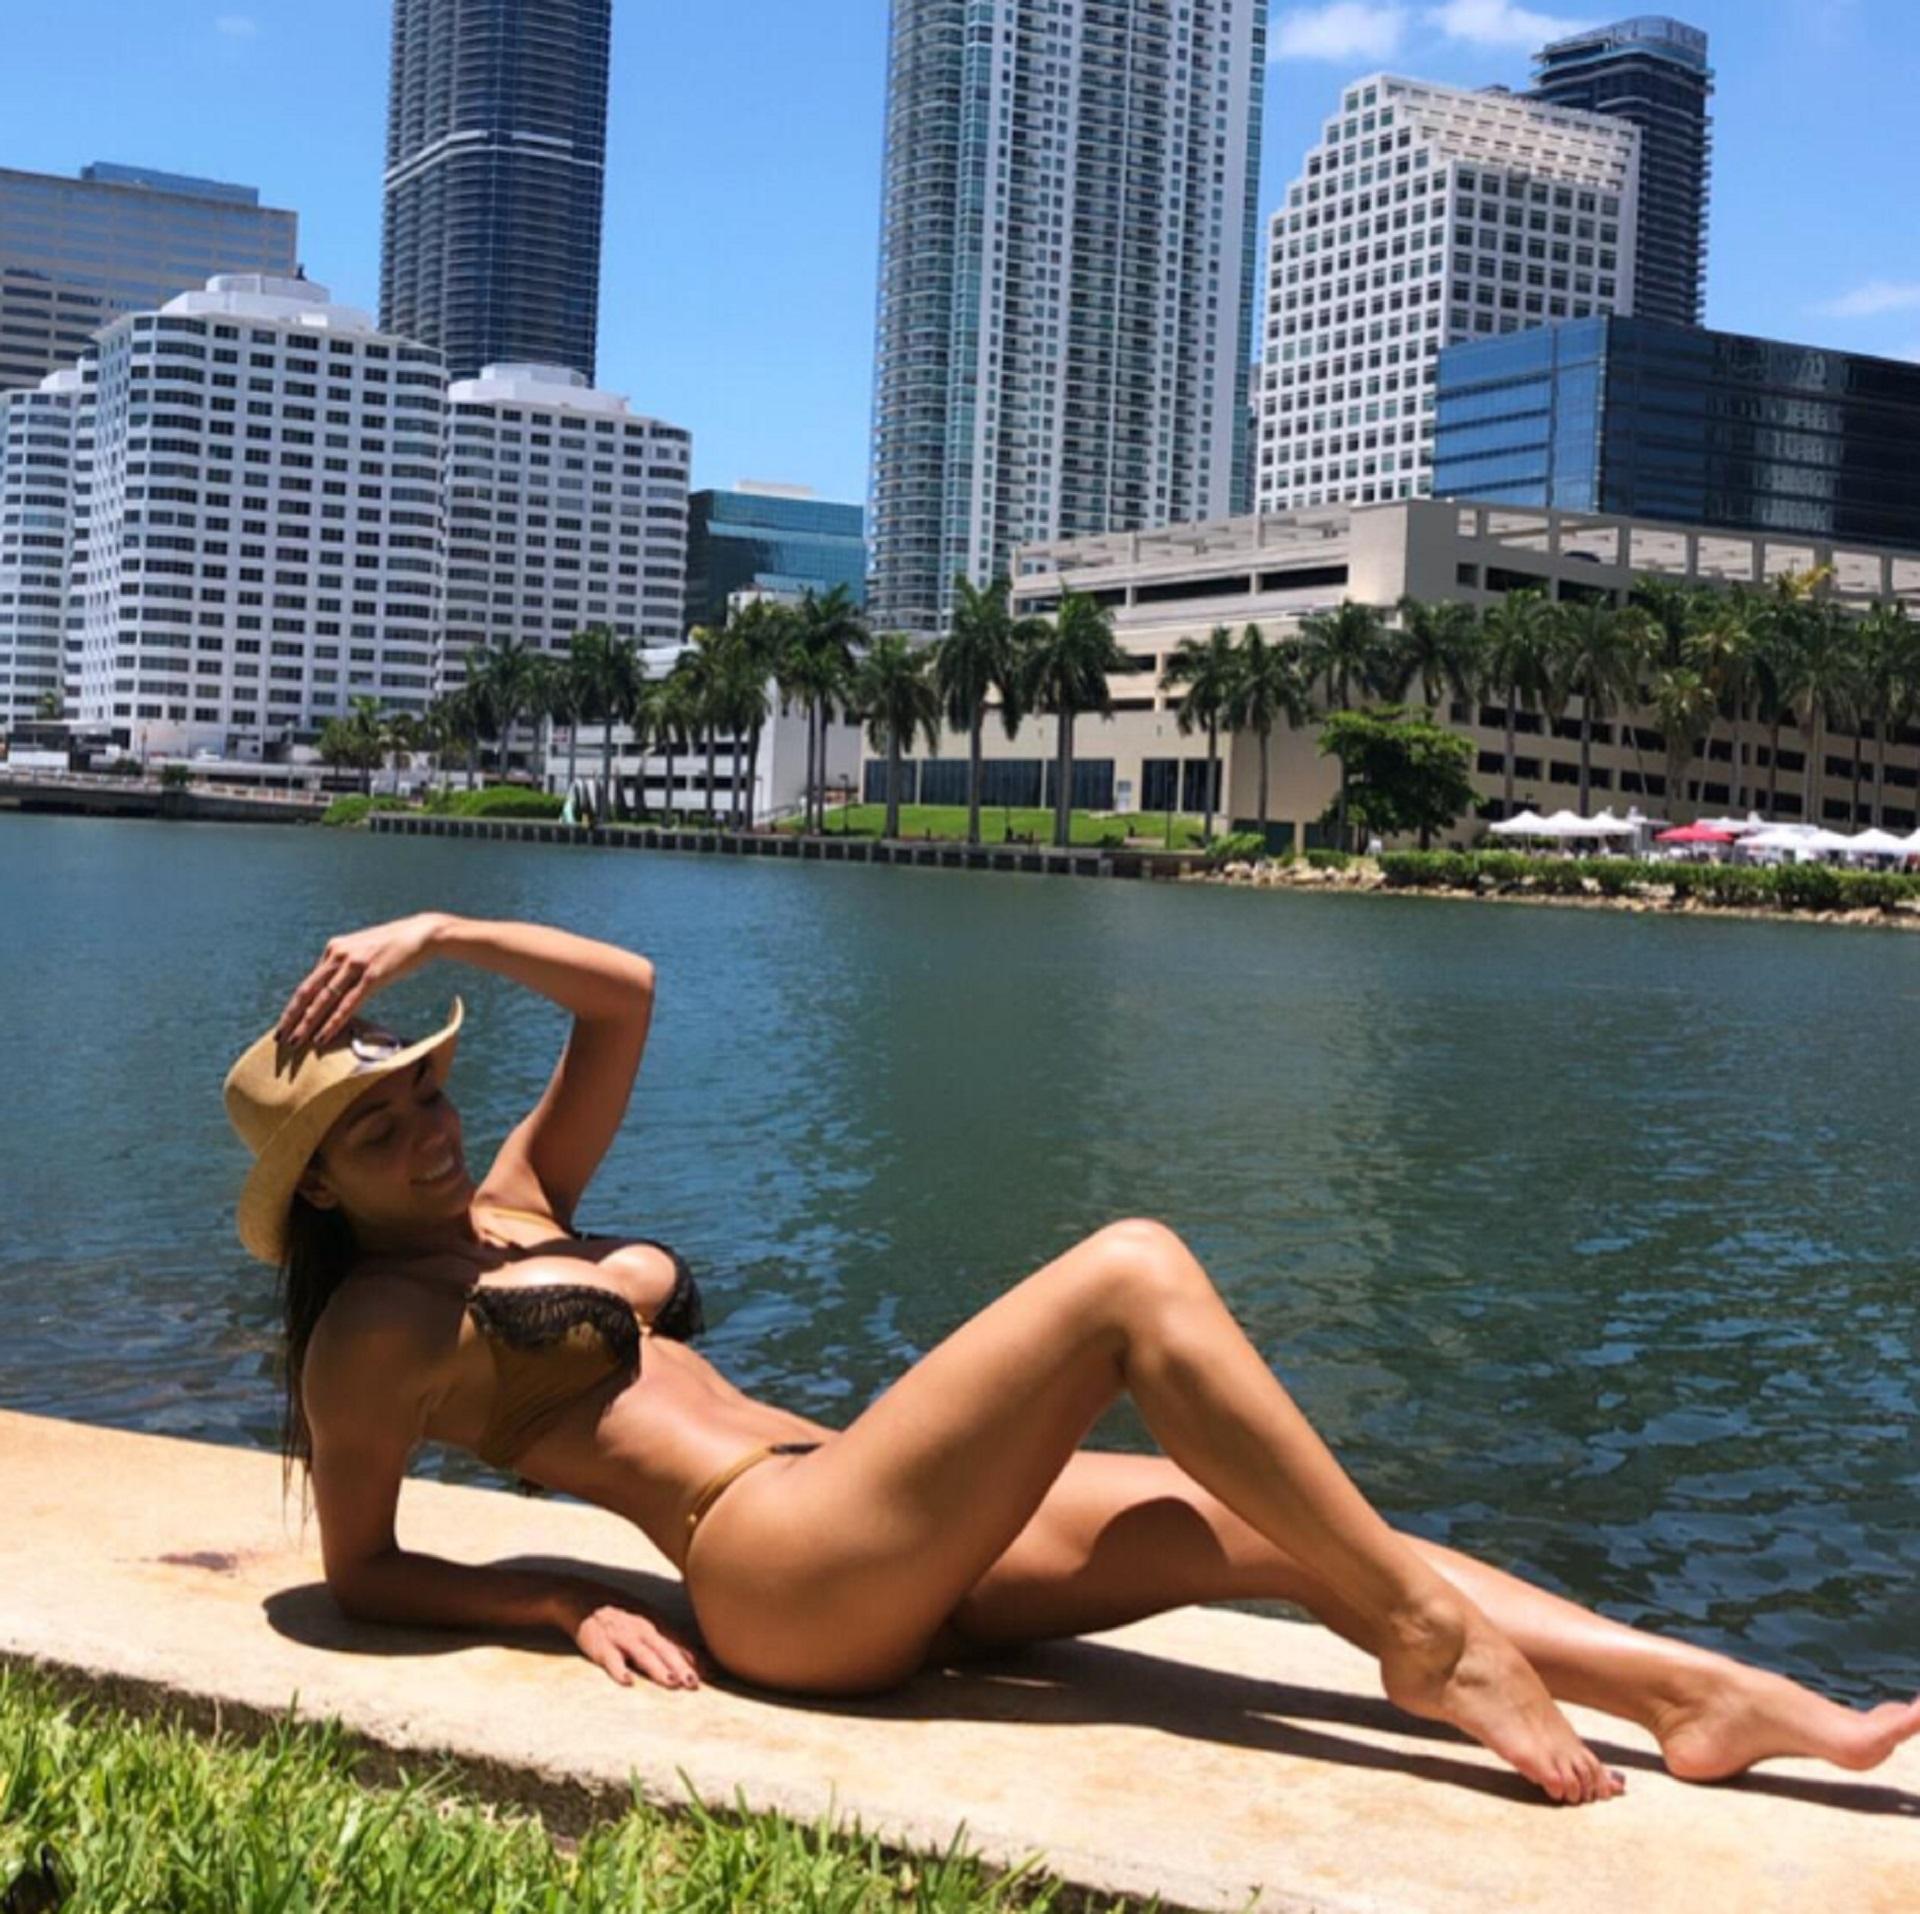 Floppy Tesouro combinó descanso y trabajo durante un viaje a Miami. La modelo fue convocada para ser parte de una serie internacional